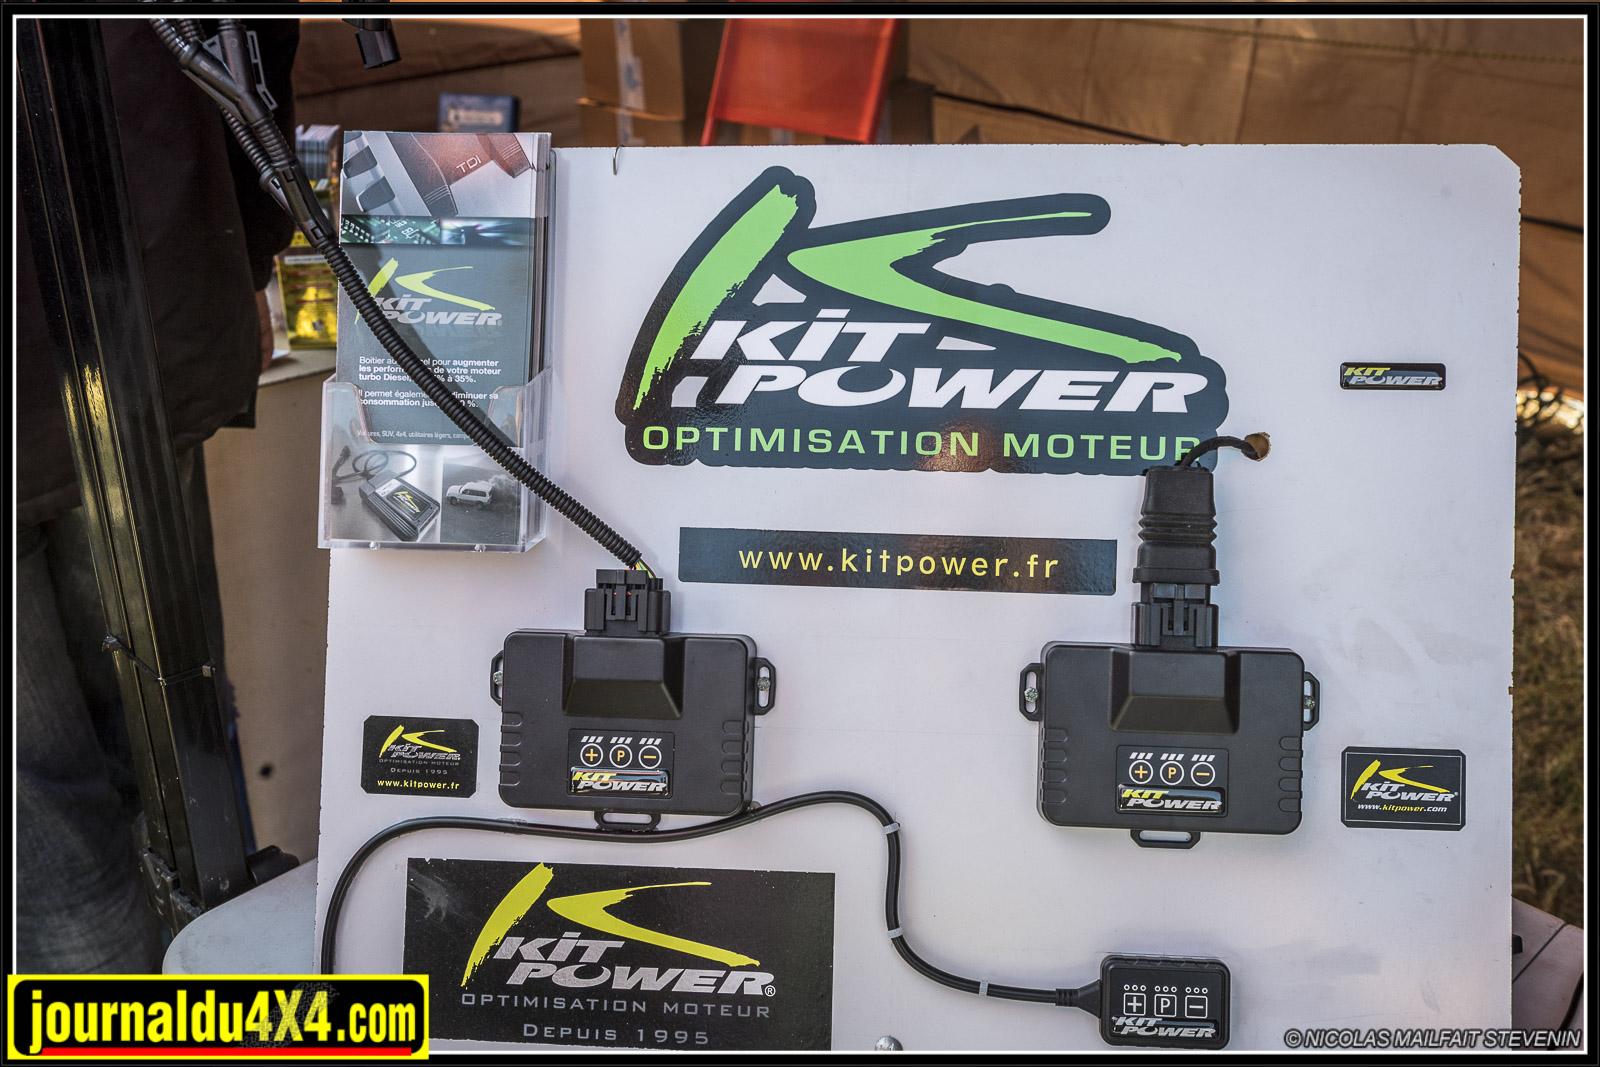 Leader Aventure revend les boitiesr kit Power